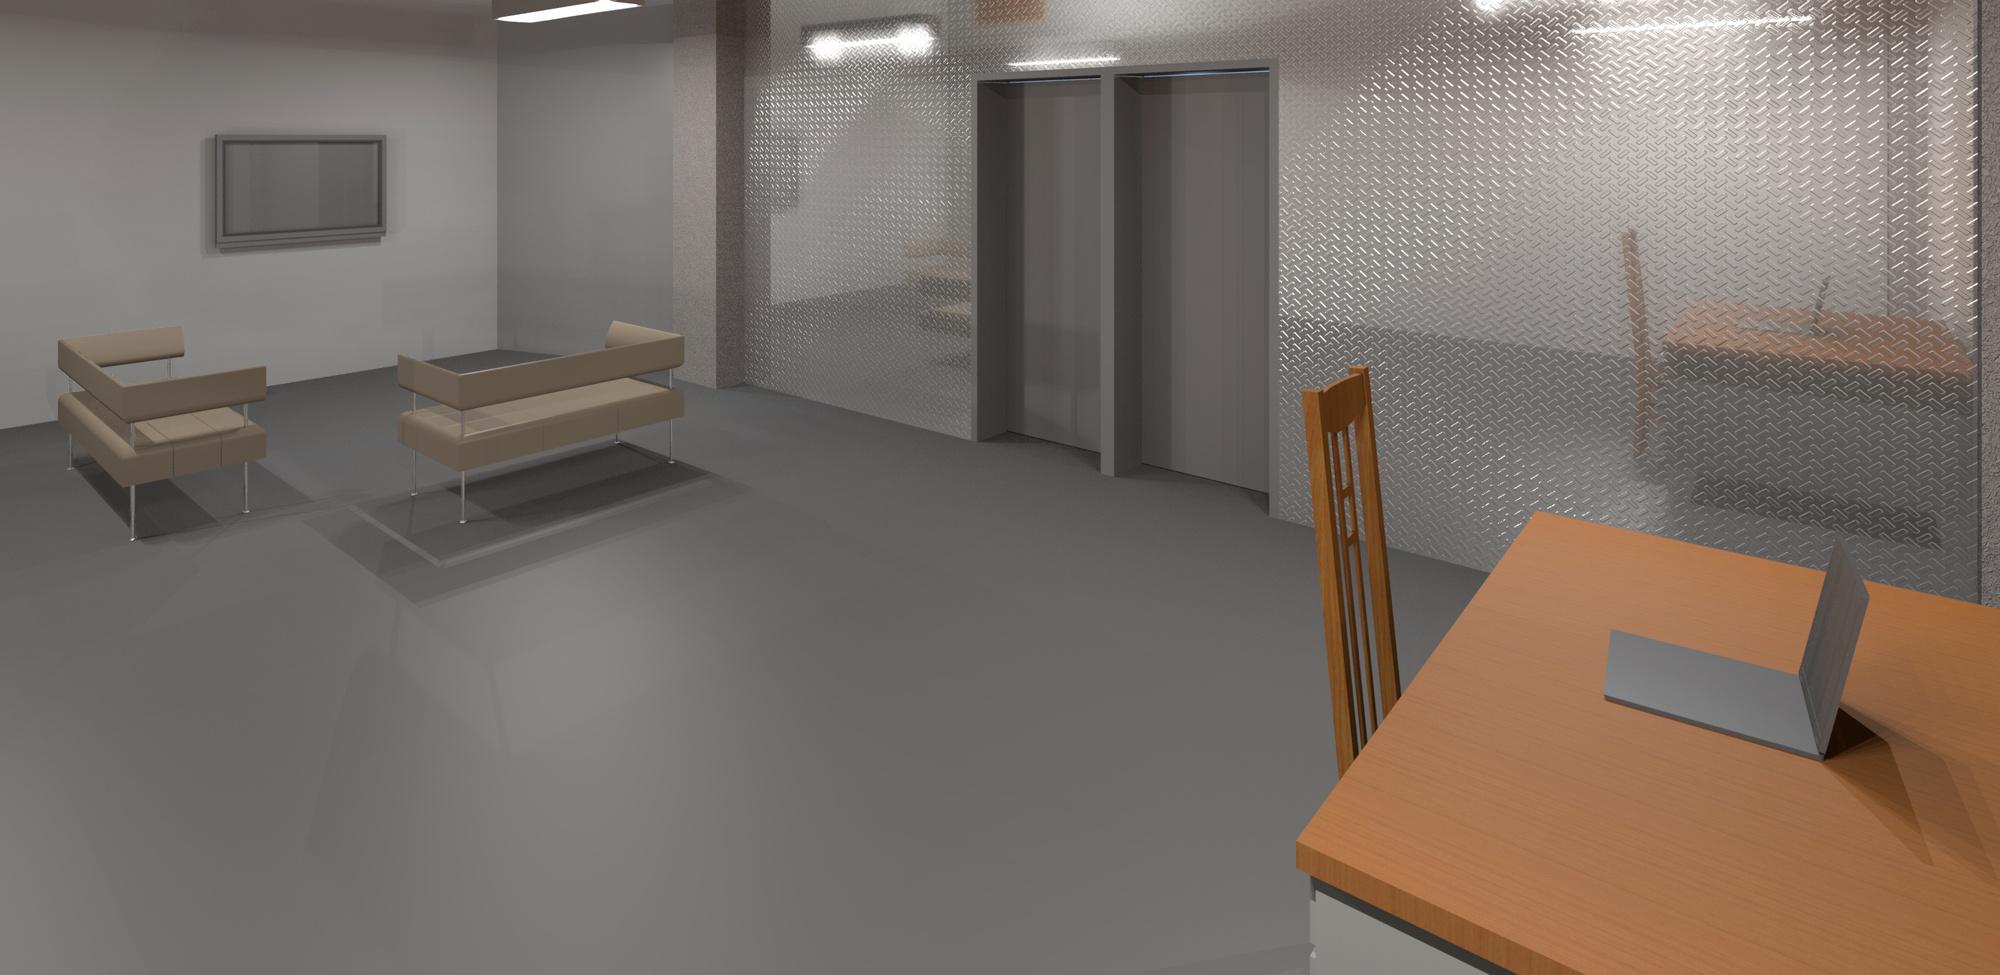 Raas-rendering20150105-8651-13xj06b